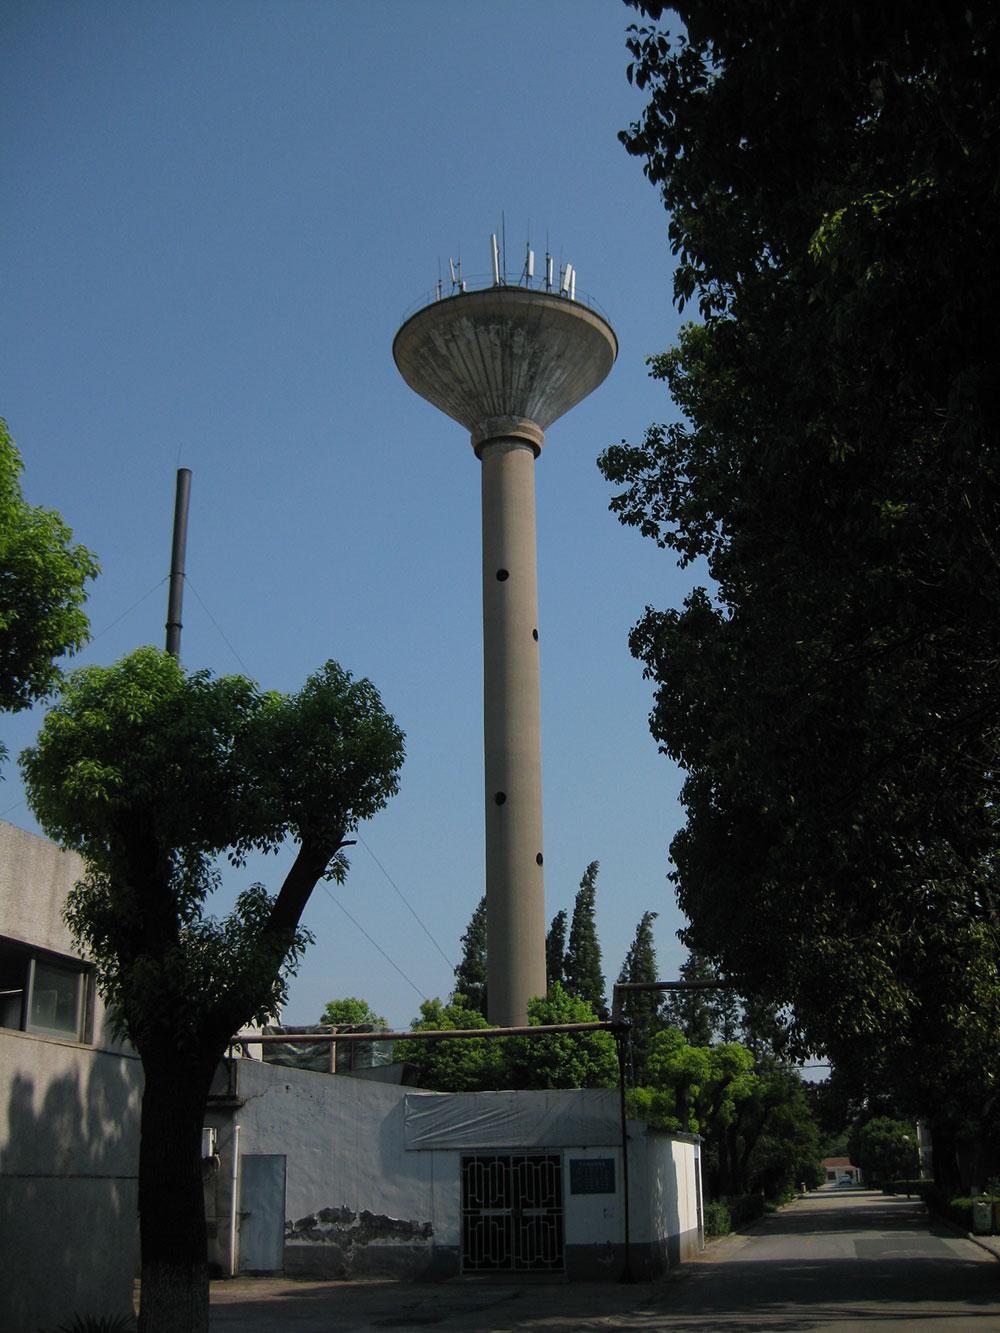 水塔,库容150吨,高35米,呈倒锥...